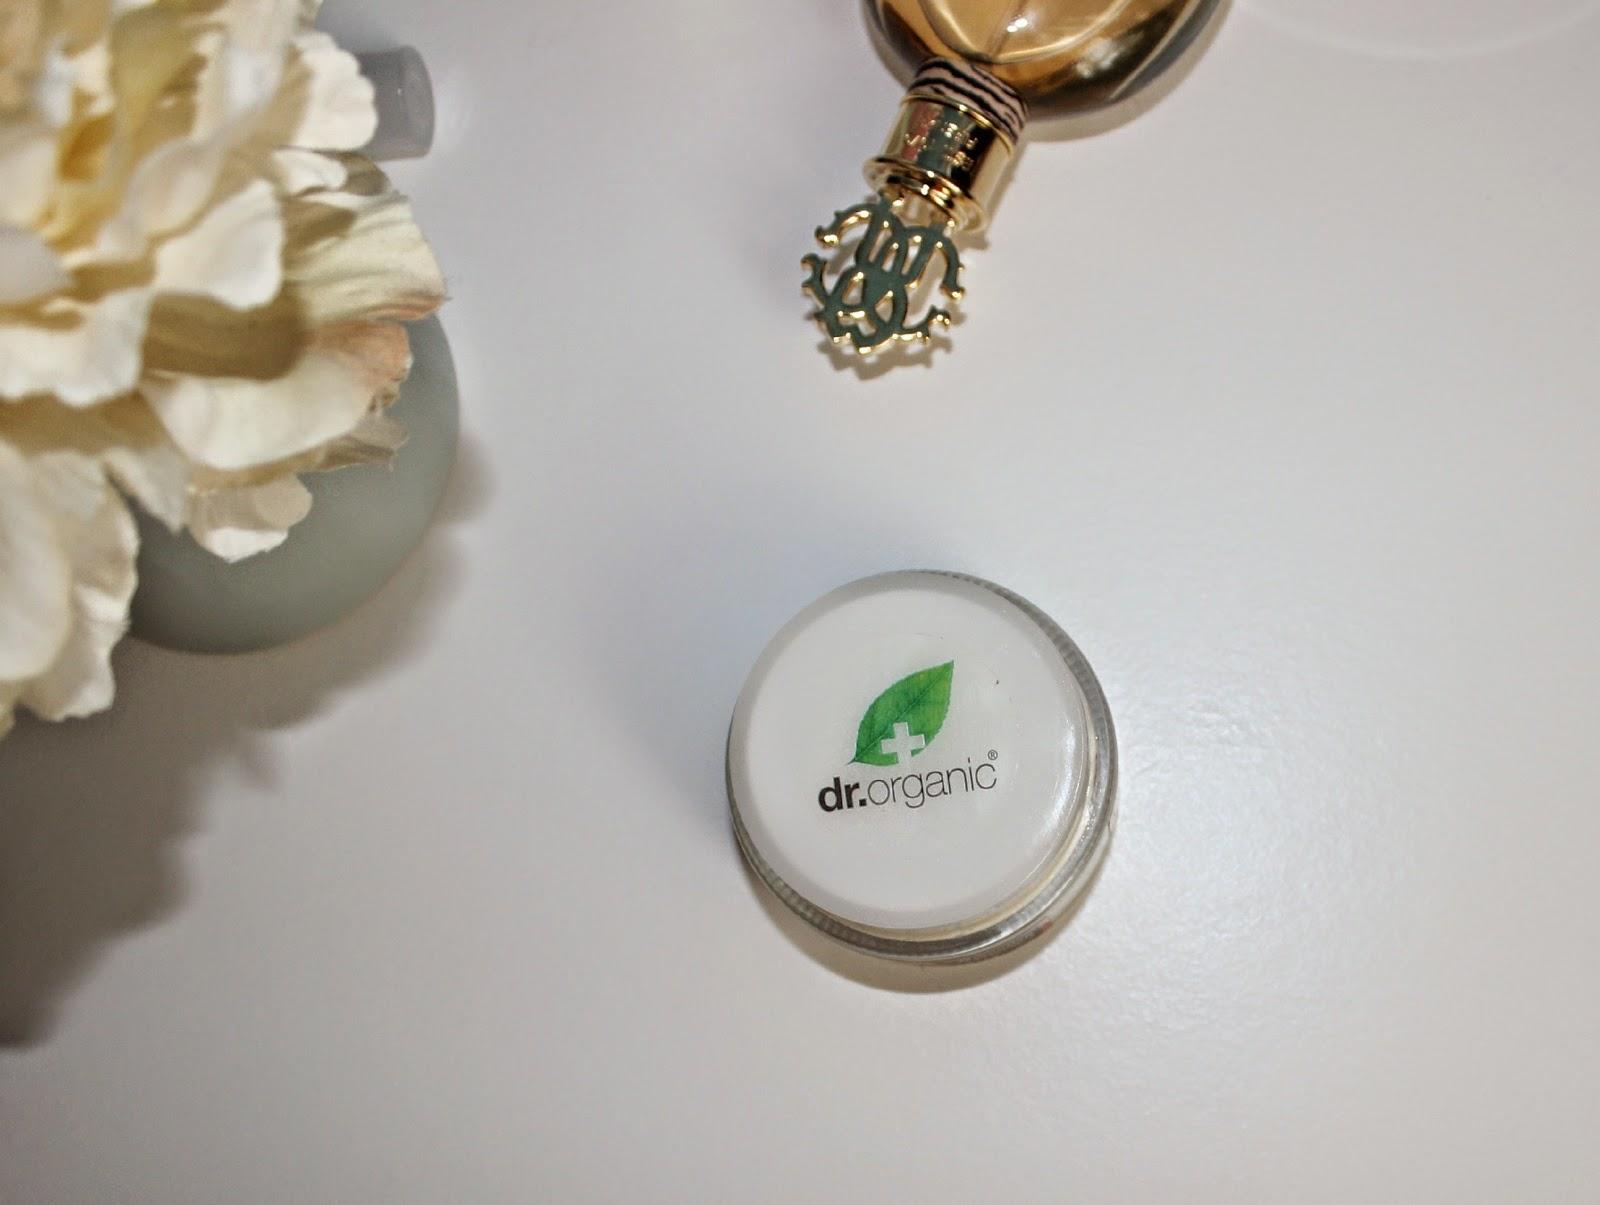 dr organic moroccan argan oil night cream, moroccan argan oil, dr organic moroccan argan oil night cream,